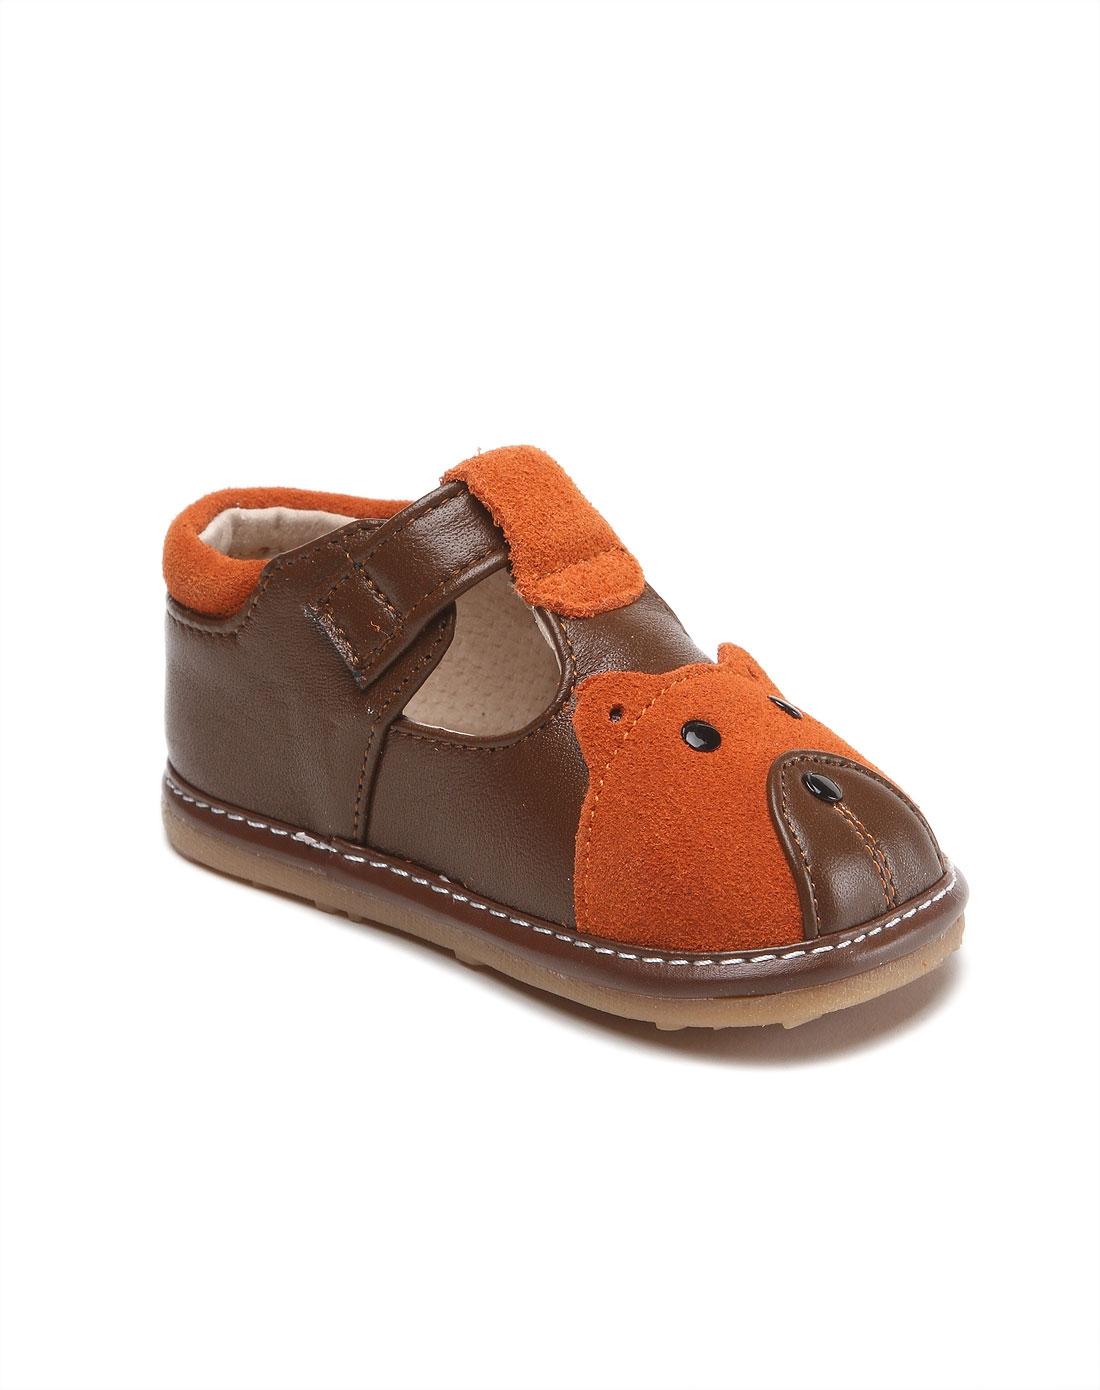 男童深棕色可爱休闲宝宝鞋